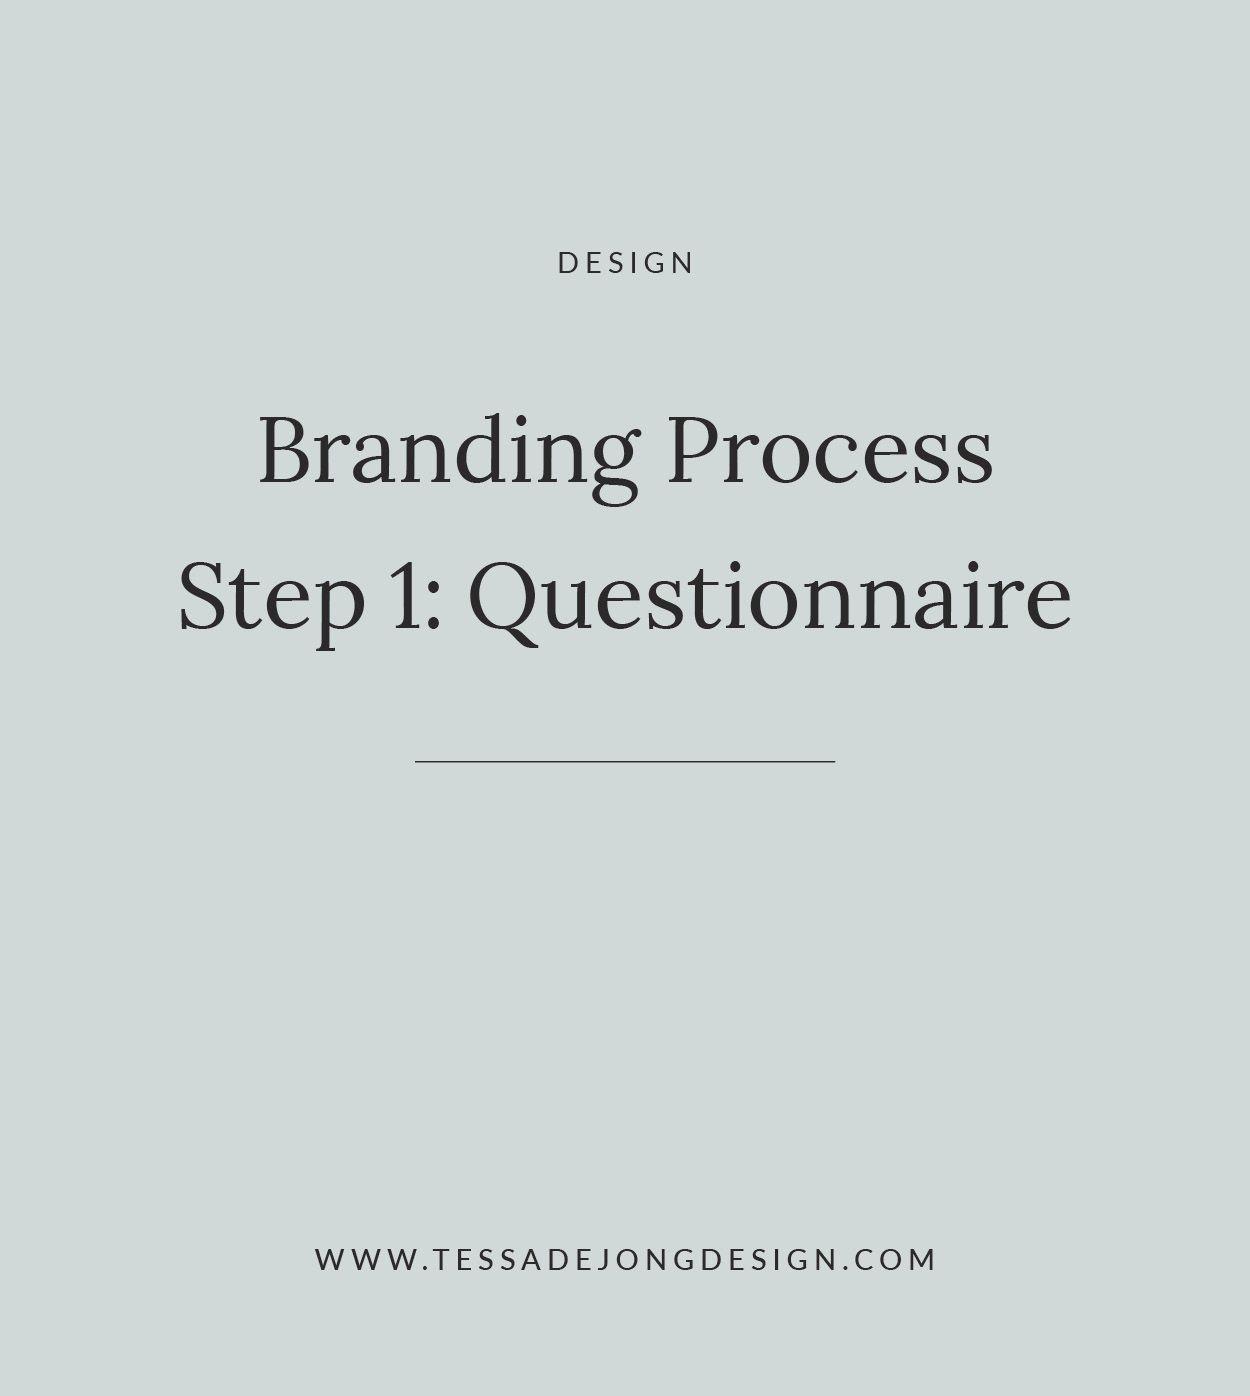 Branding Process Step 1 Client Questionnaire Logo Brandidentity Graphicdesign Process Step1 Branding Process Graphic Design Clients Client Questionnaire